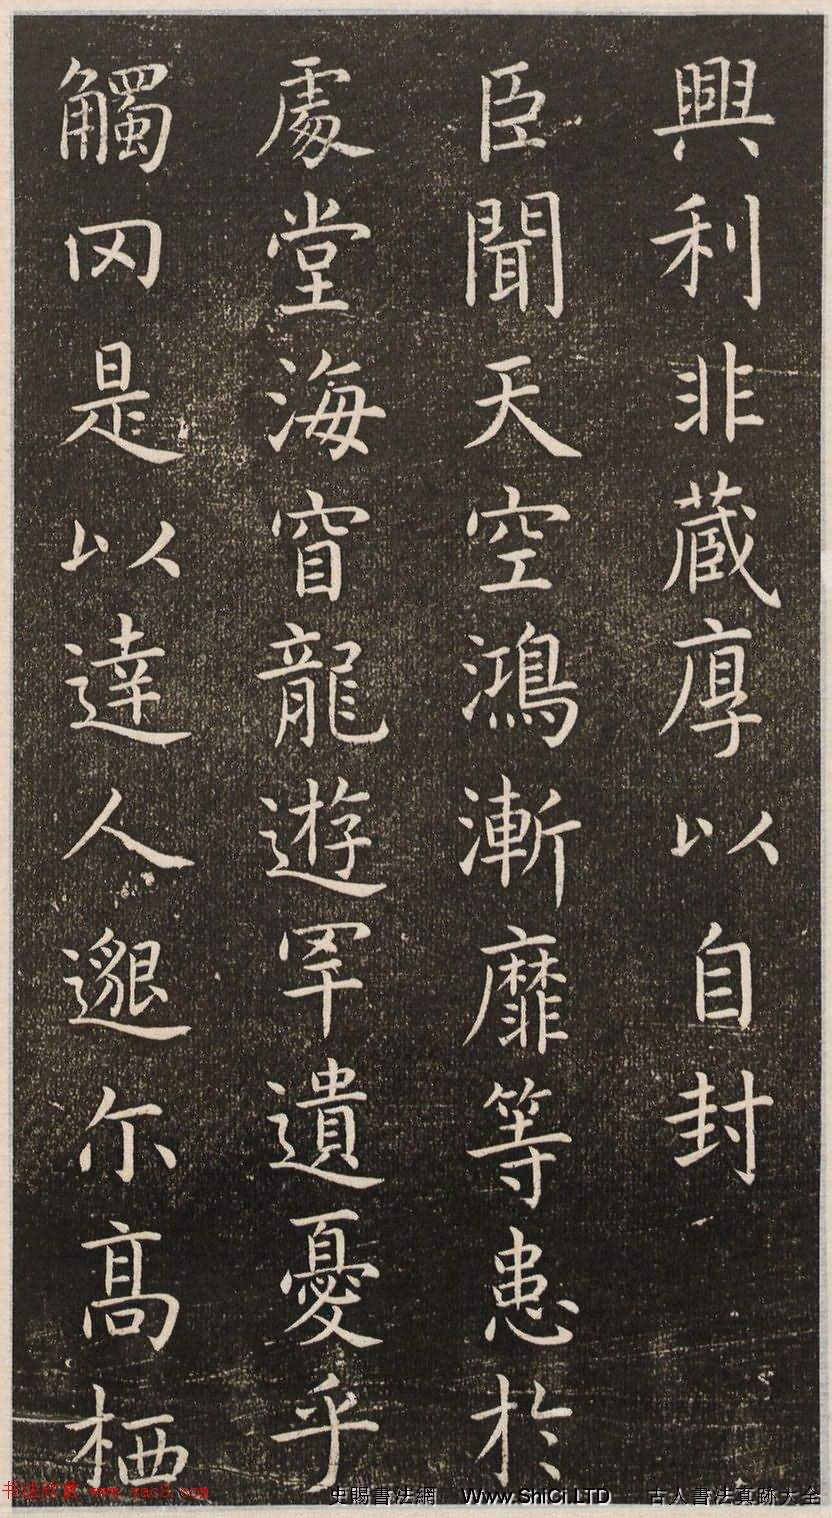 初唐大書法家虞世南楷書《演連珠》